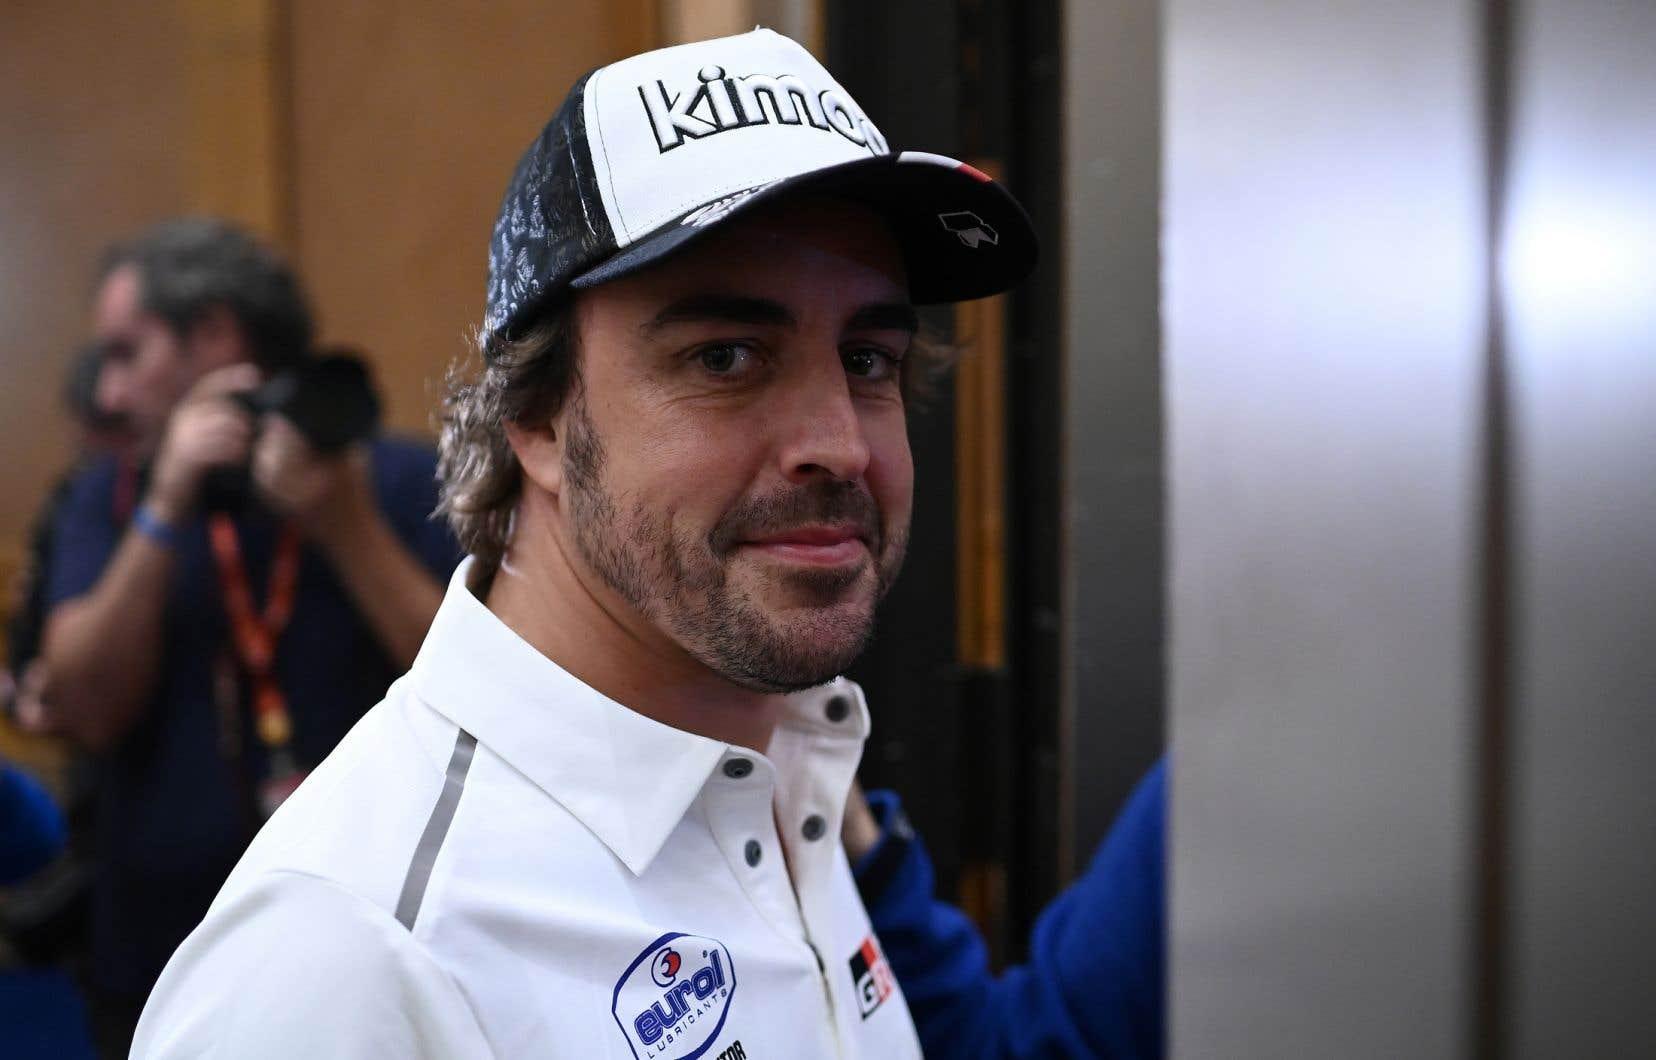 La durée du contrat d'Alonso, qui s'était retiré de la F1 fin 2018 avec l'espoir d'y revenir dans une position compétitive dans l'avenir, n'est pas précisée.